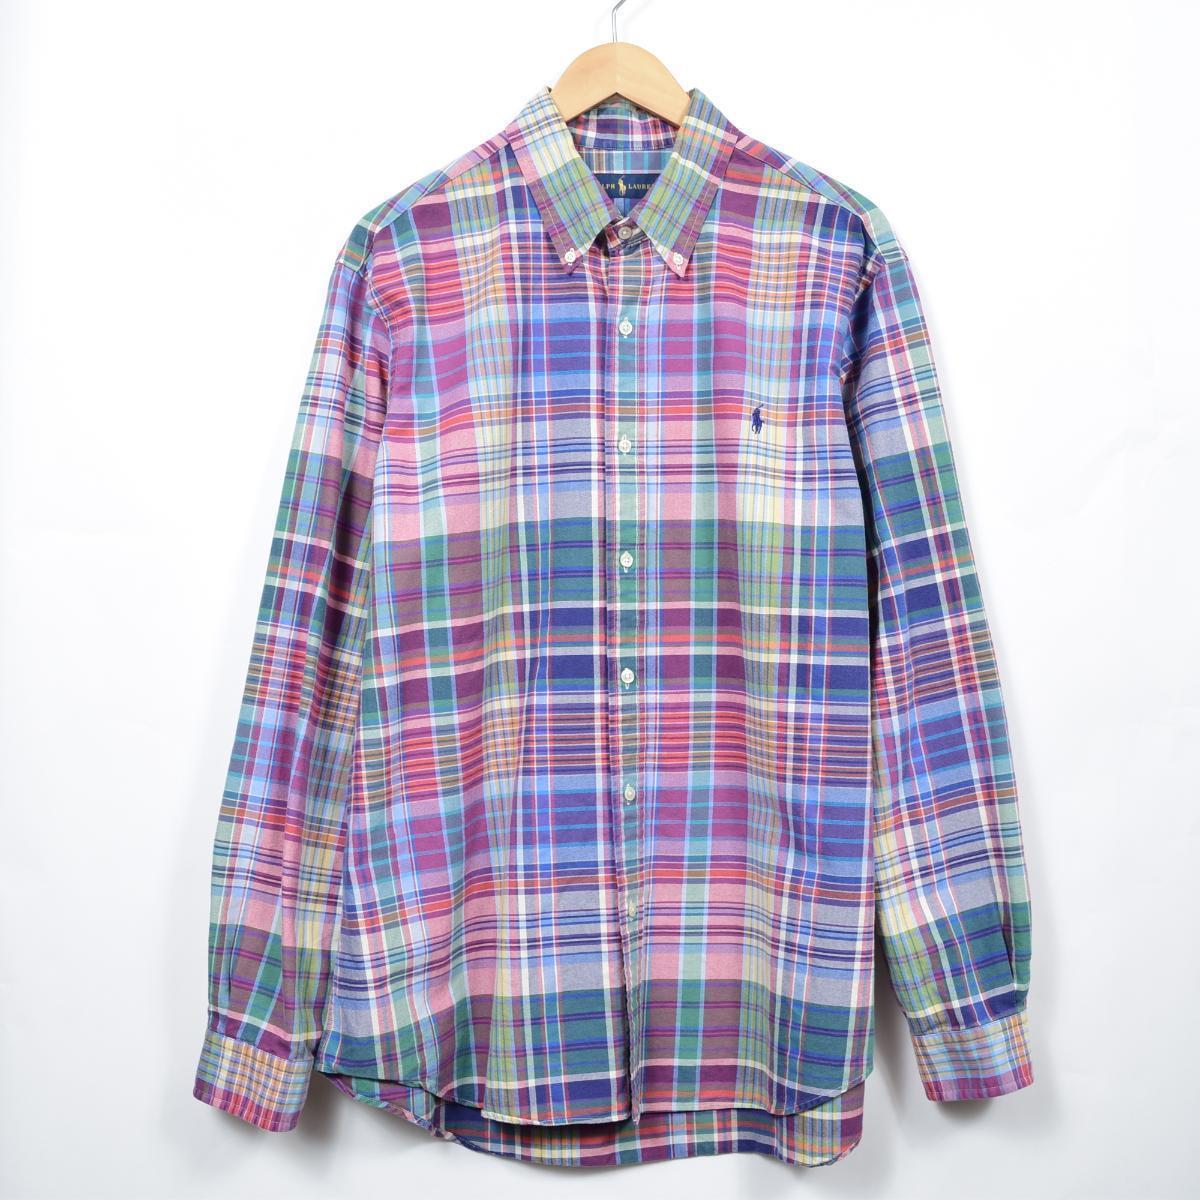 ラルフローレン Ralph Lauren 長袖 ボタンダウンチェックシャツ メンズL /eaa033307 【中古】 【200518】【SS2009】